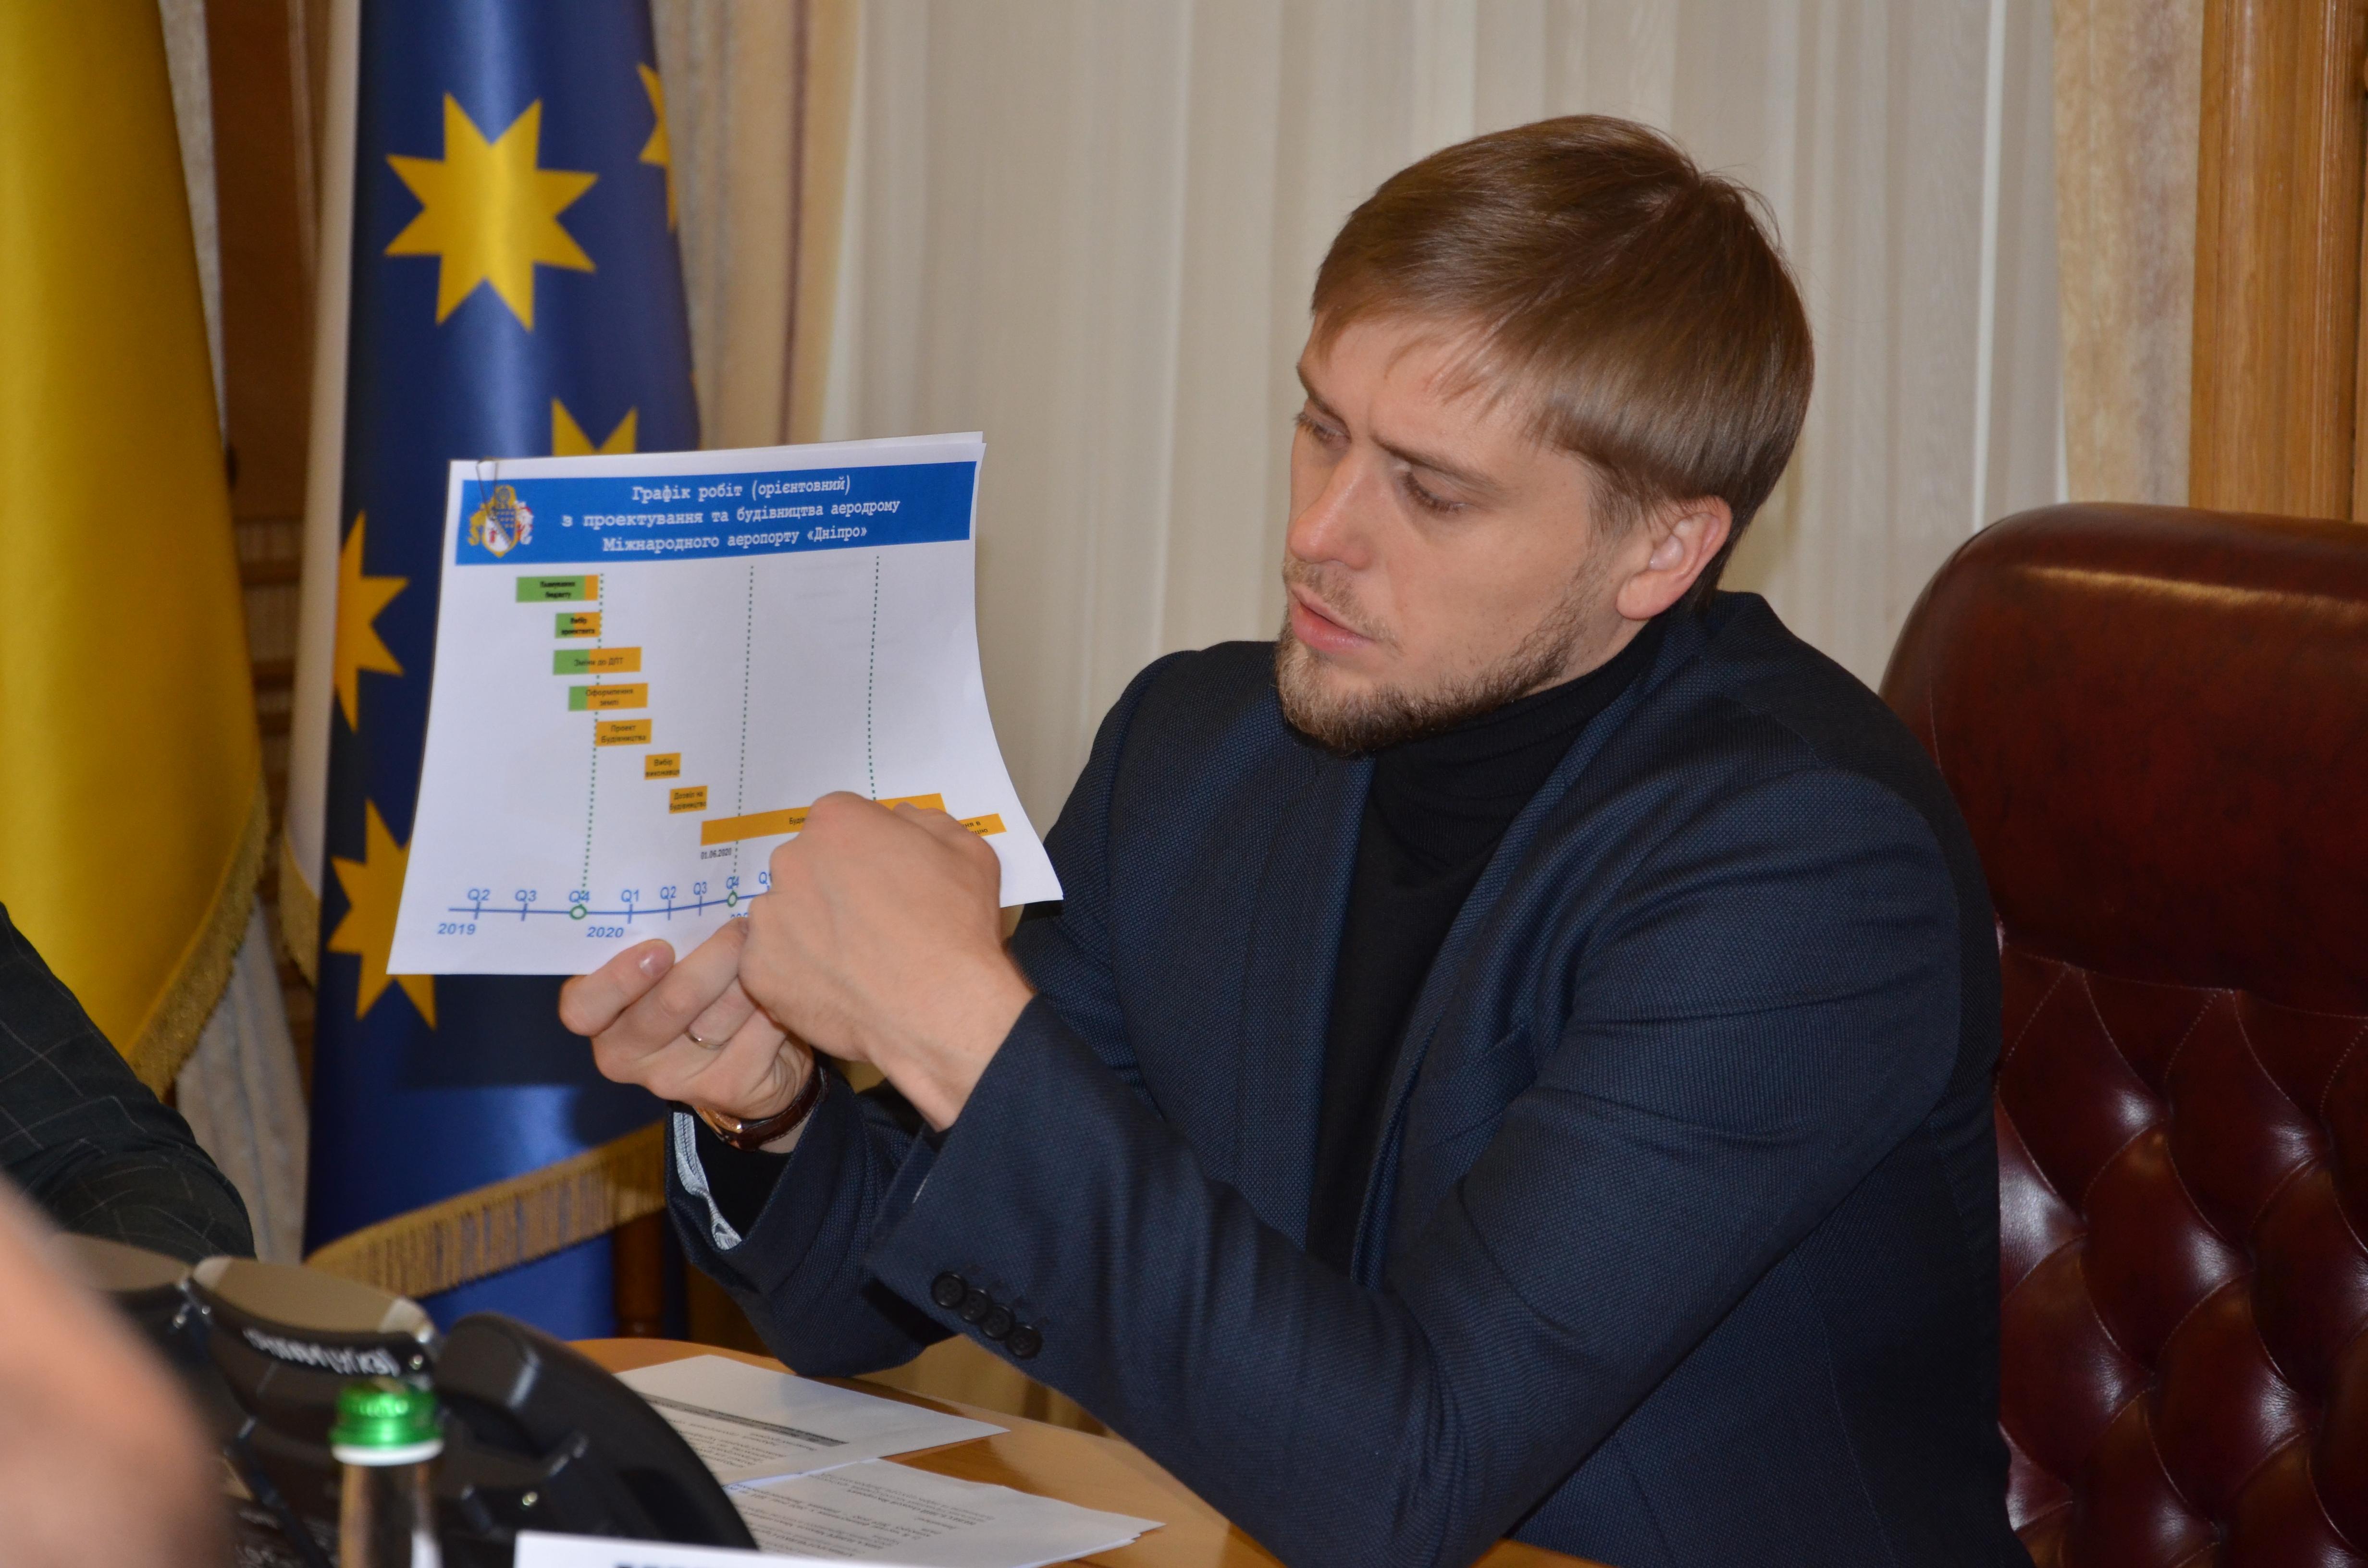 Олександр Бондаренко: «Маємо швидко узгодити всі технічні моменти, аби зведення терміналу та злітно-посадкової смуги розпочалося в строк»